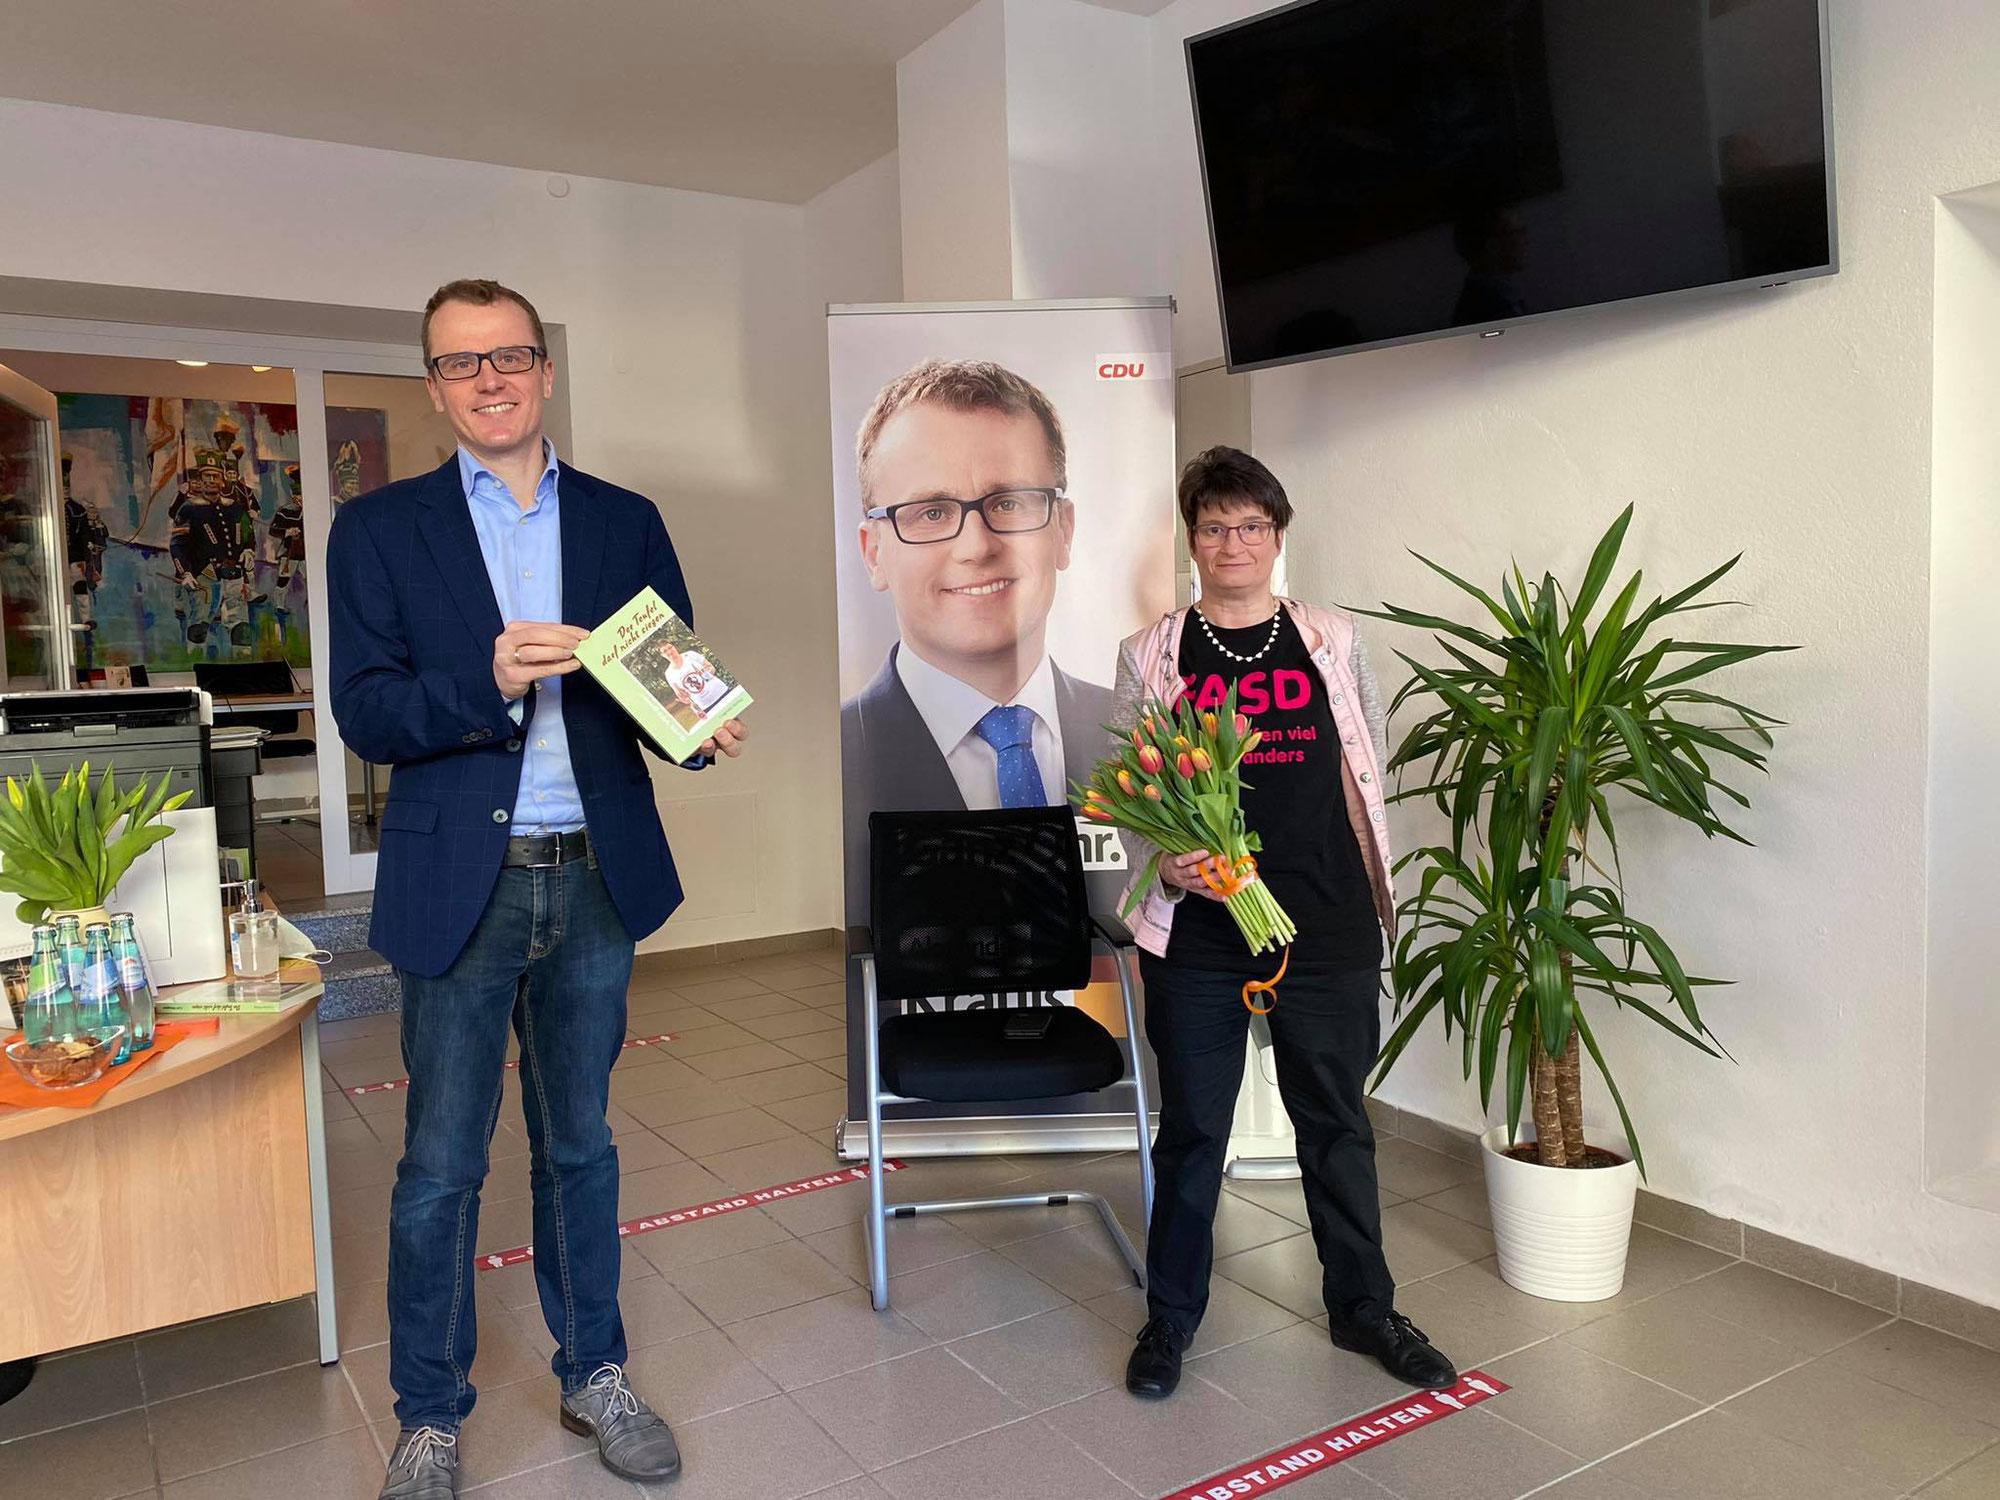 Annabergerin veröffentlich zweites Buch zum Thema FASD